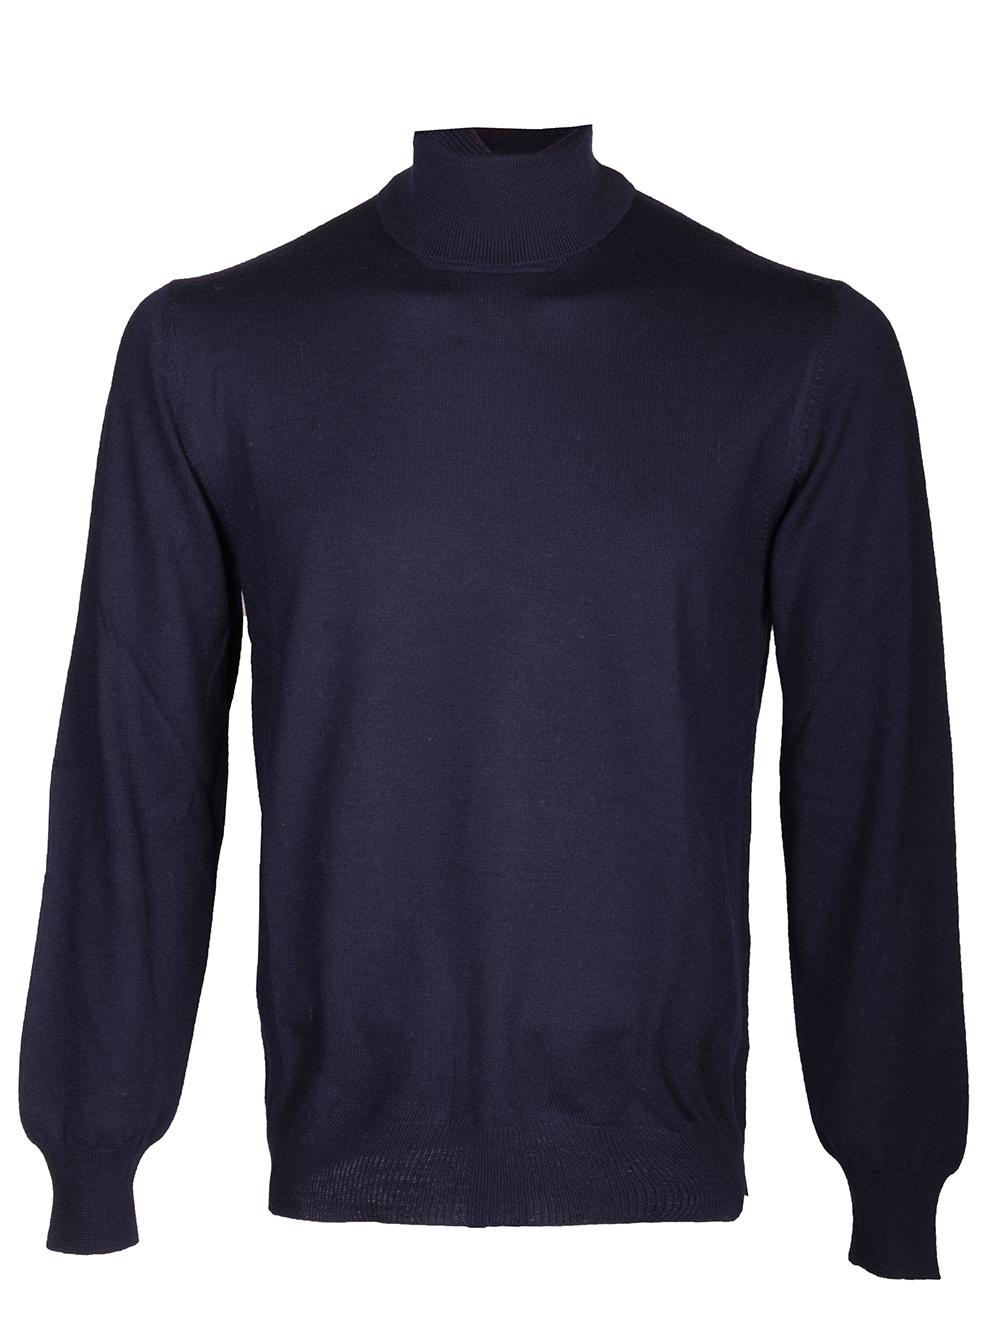 BOGGI Μπλούζα ζιβάγκο BO19A046501 ΜΠΛΕ